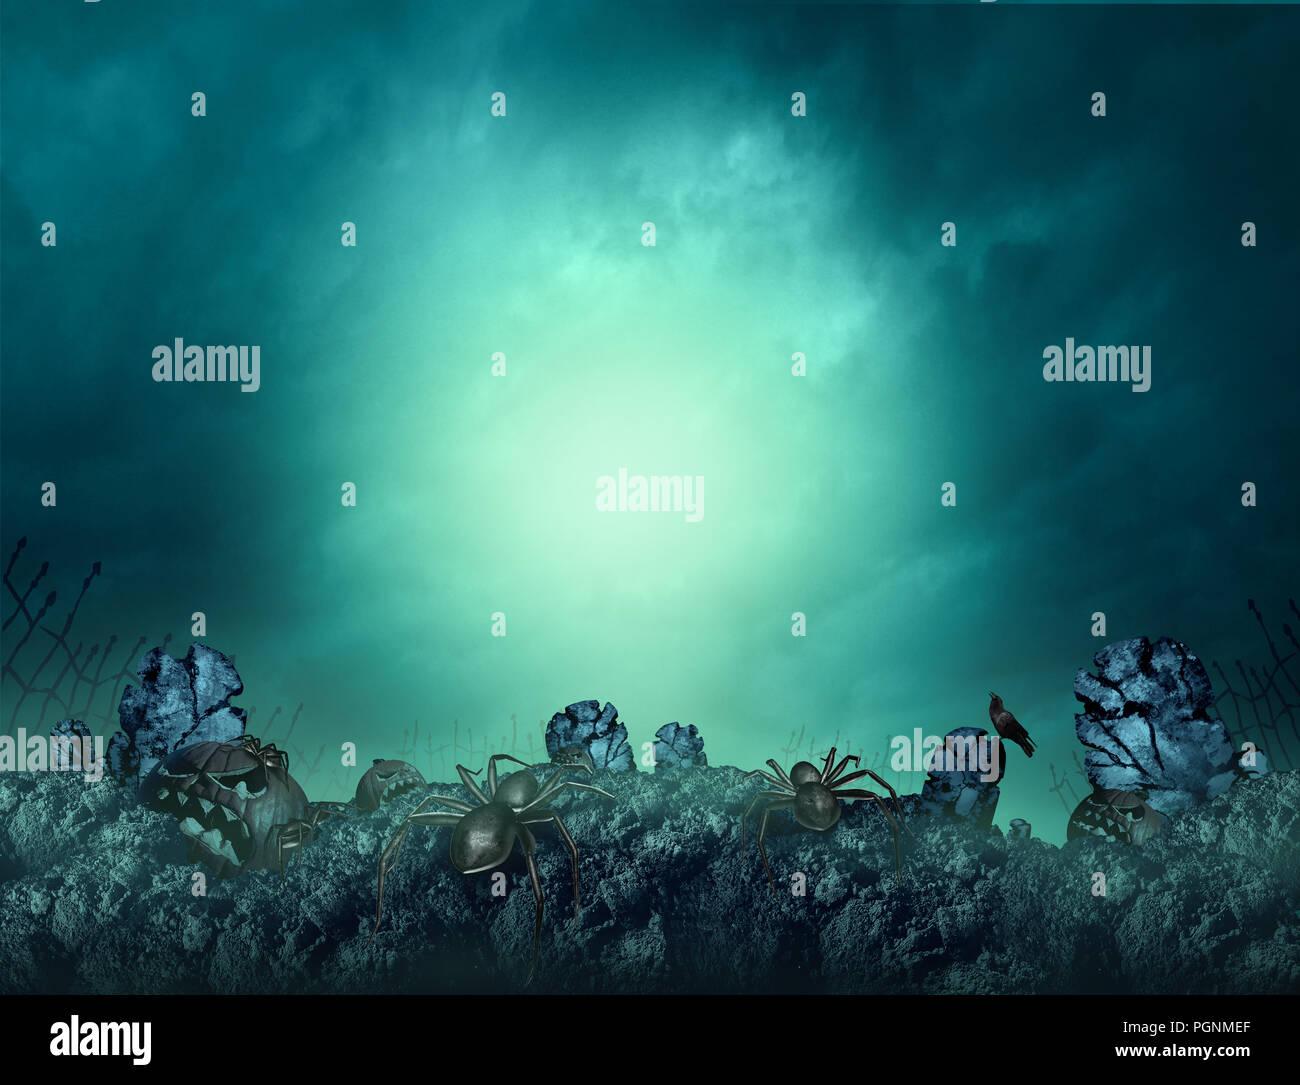 Haunted Friedhof und gruselige Friedhöfe halloween gruselig und unheimlich leuchtenden Hintergrund mit Copyspace für Text mit 3D-Illustration Elemente. Stockbild